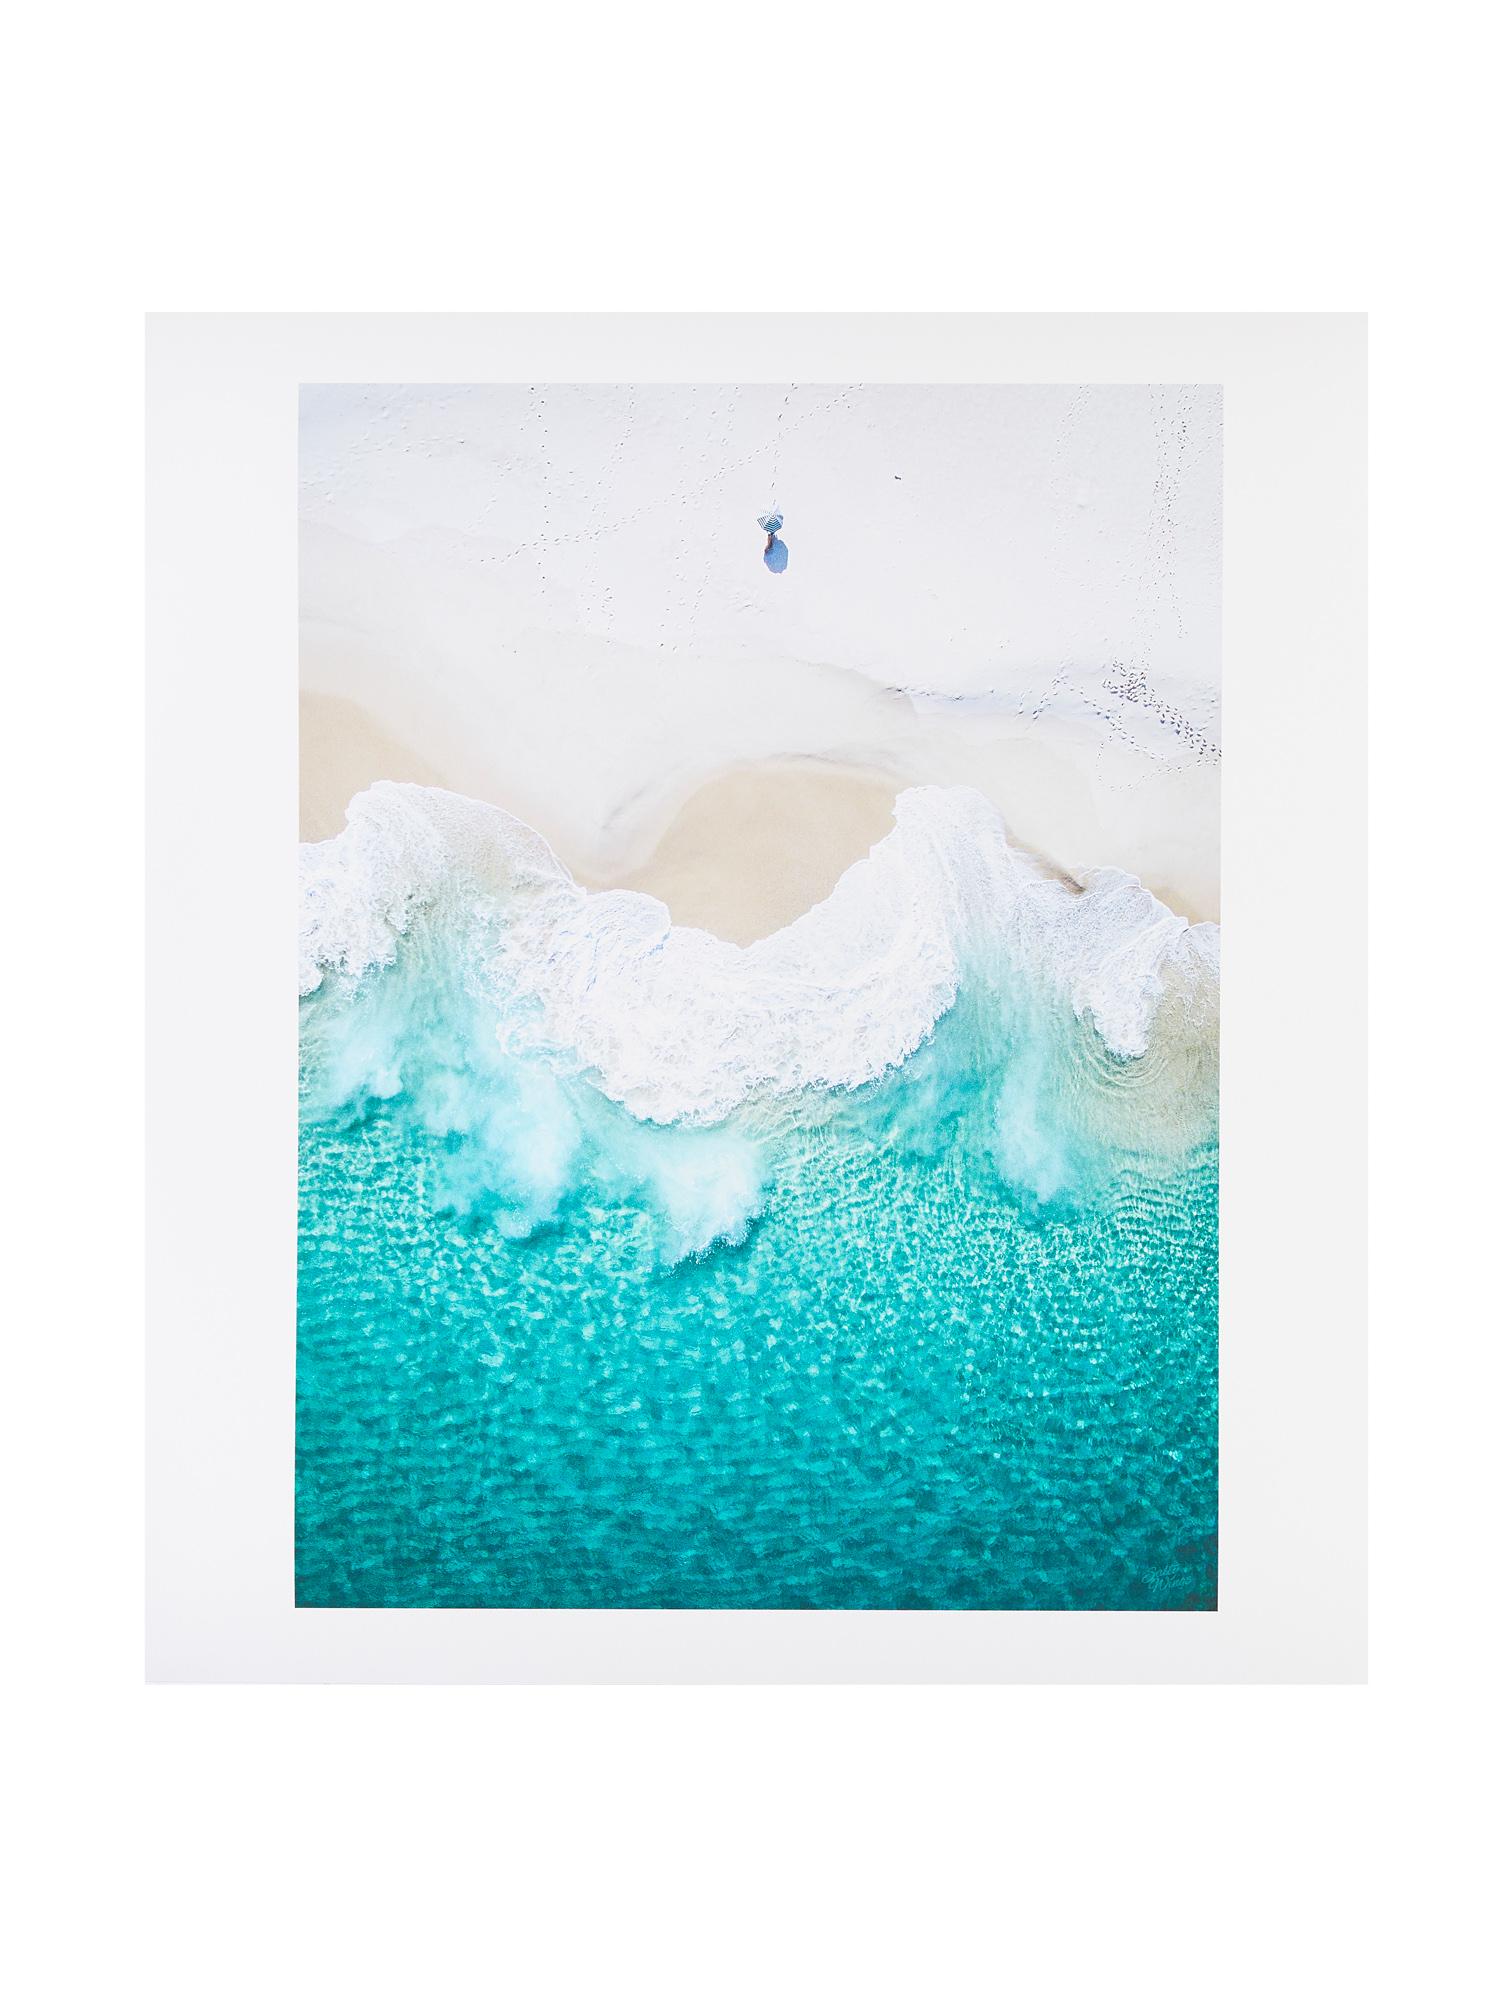 Salty Prints-214.jpg